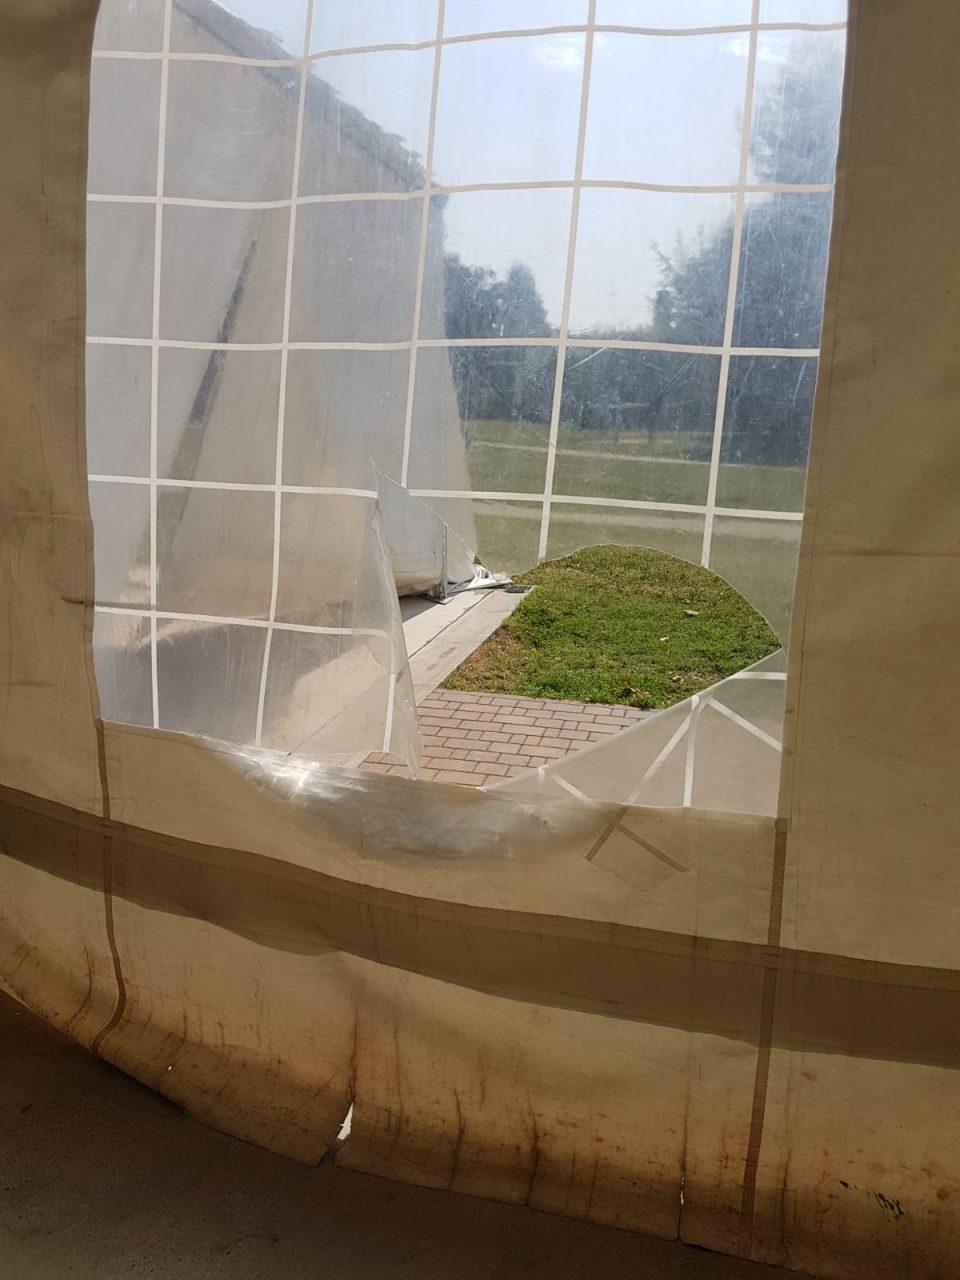 ancora vandali al pratone di venegono